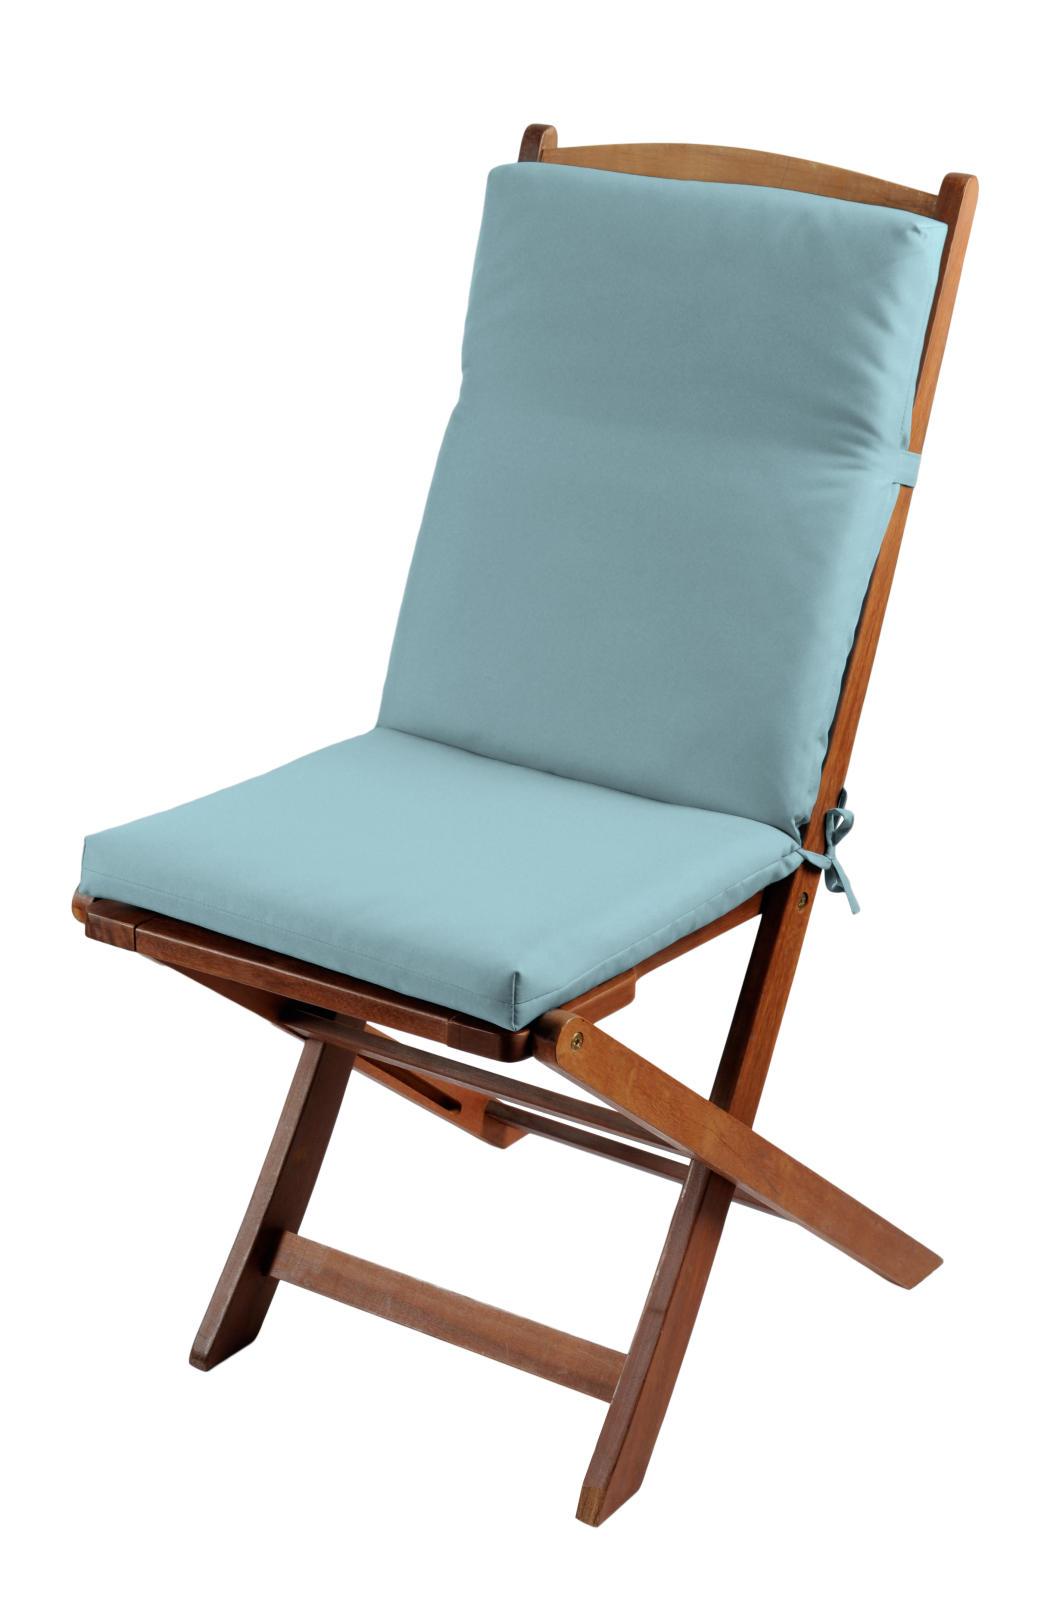 coussin de chaise de jardin imperméable Coussin de Fauteuil Déhoussable et Imperméable (Glacier  coussin de chaise de jardin imperméable